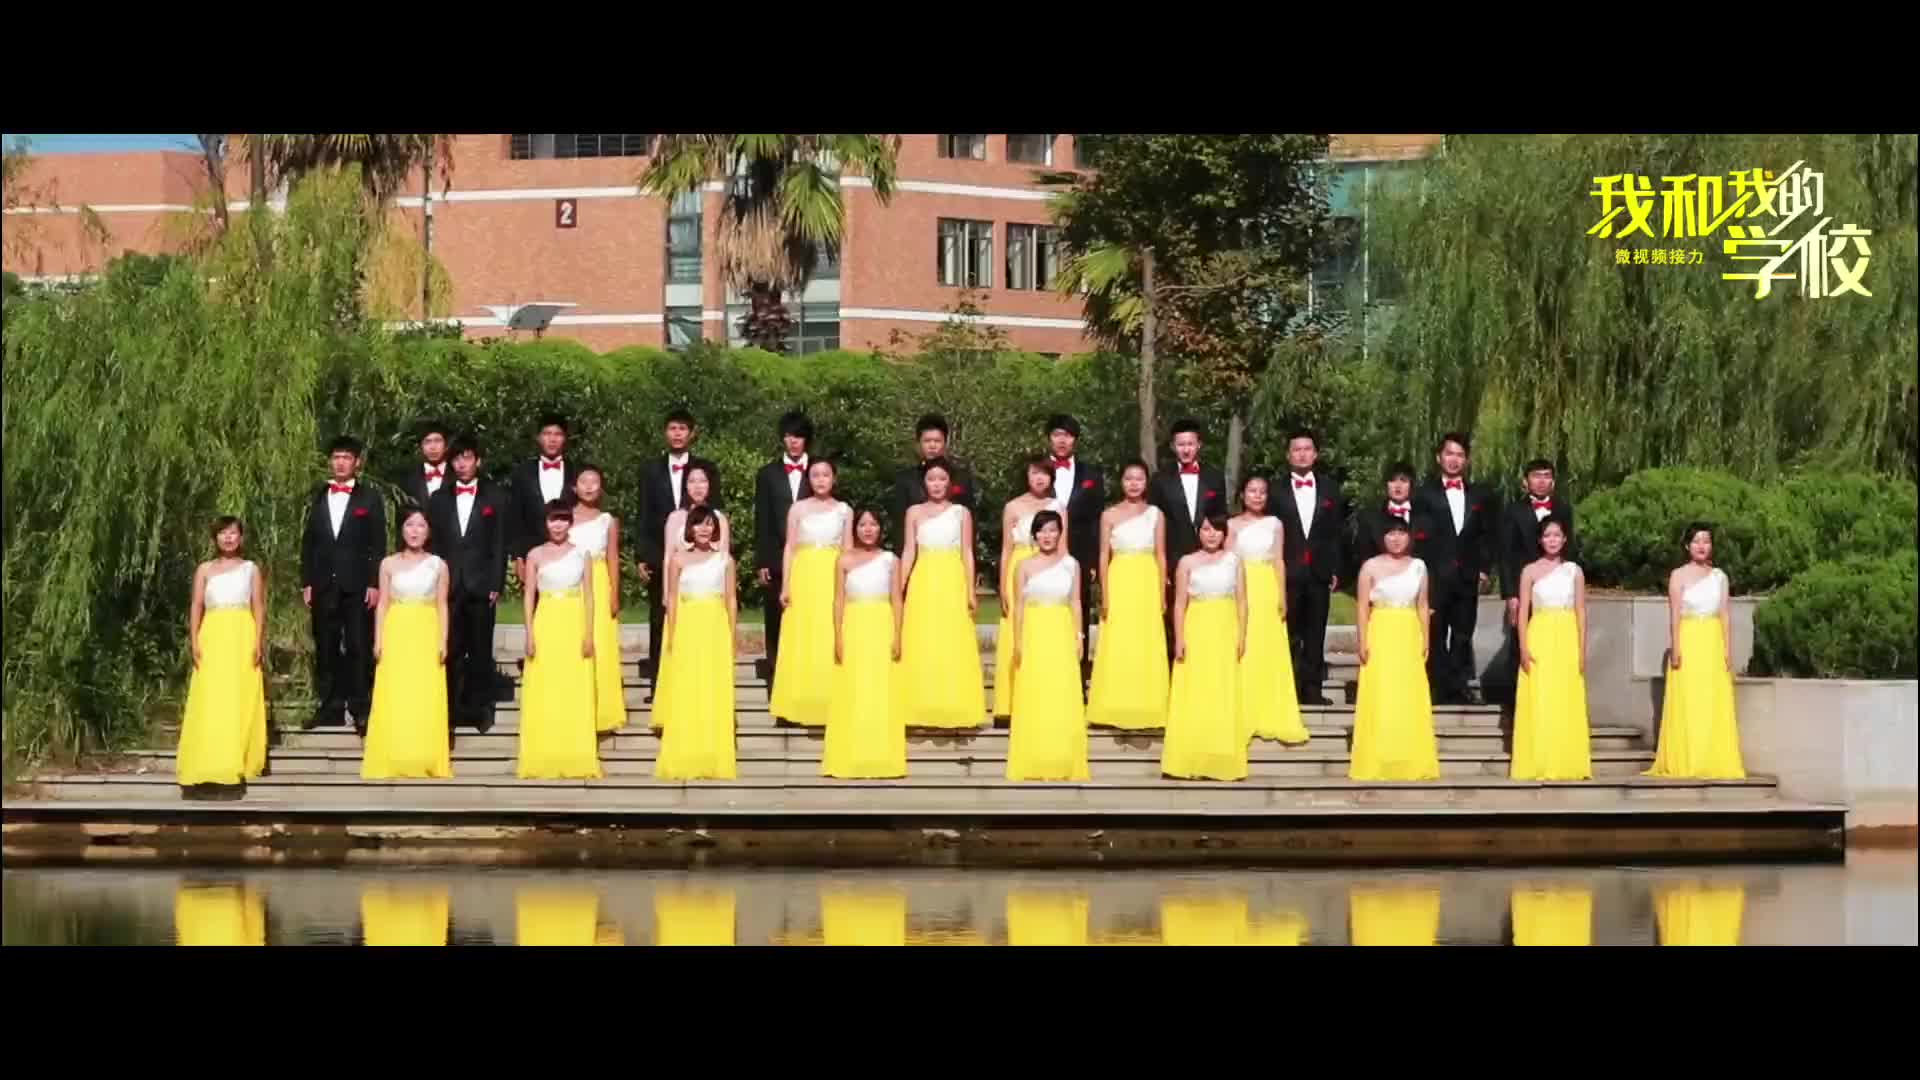 """浙江理工大学-""""我和我的学校""""视频接力"""